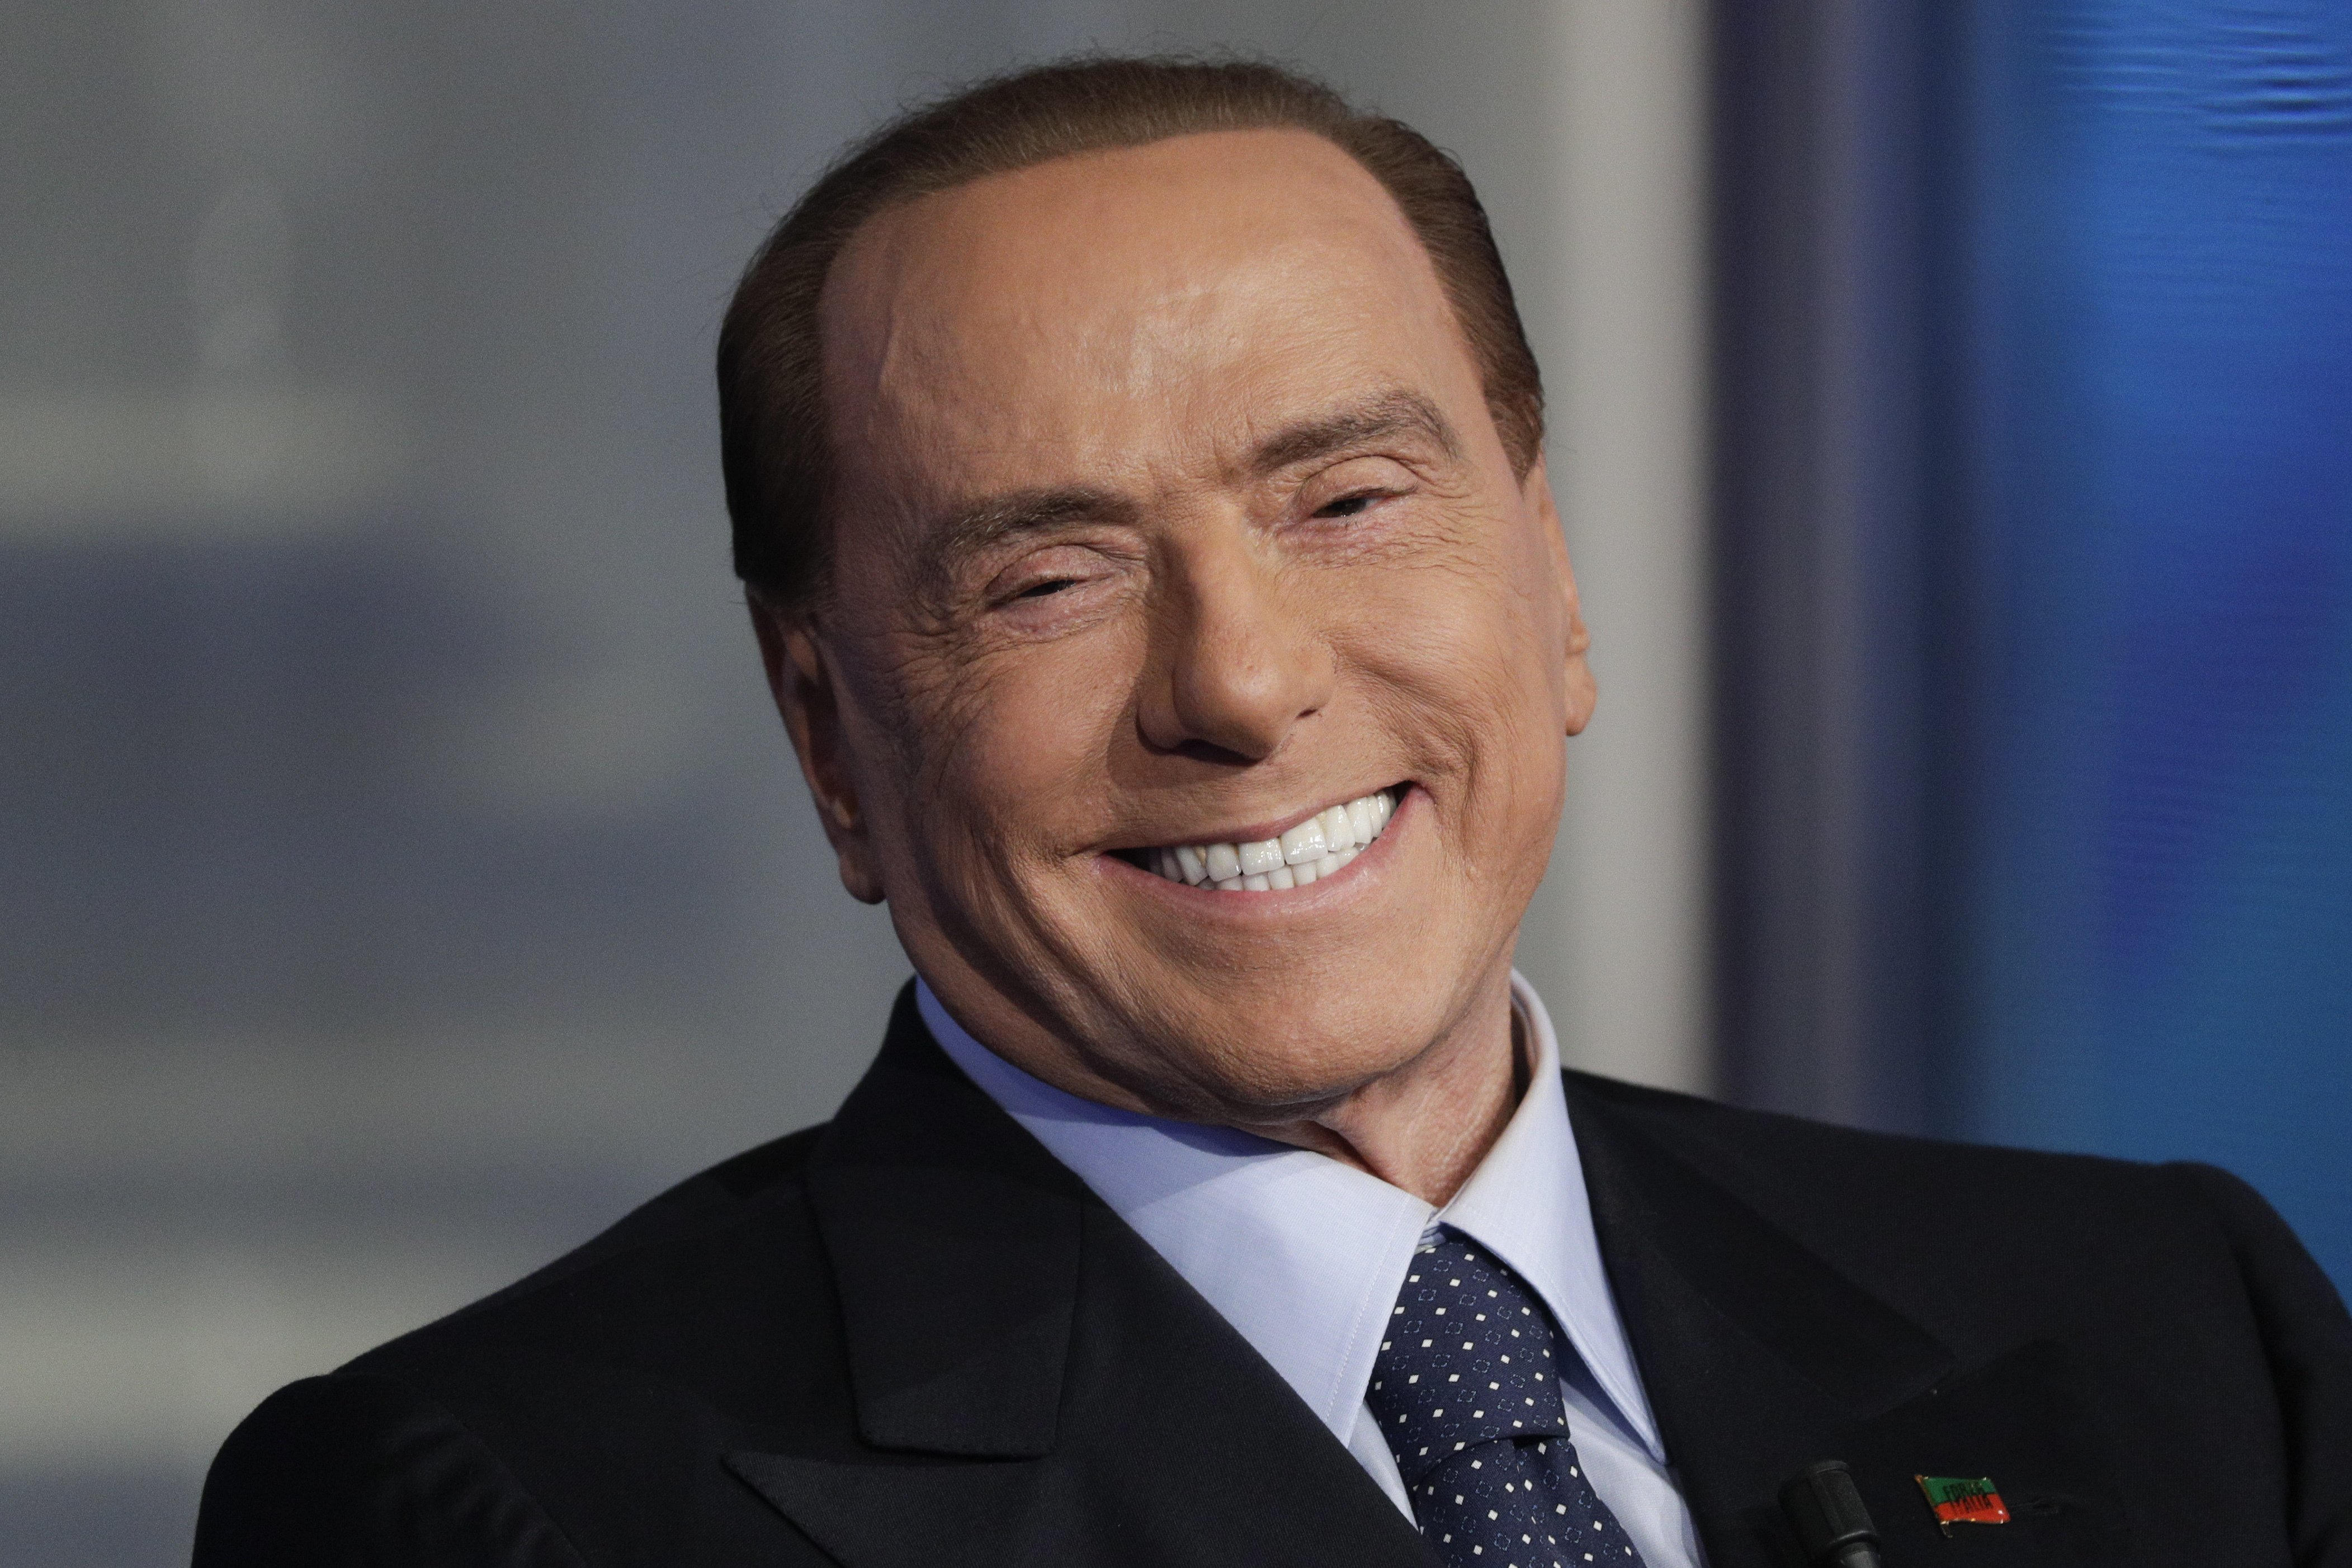 Enjuician a Berlusconi por pagar a testigo que mintiese sobre fiestas